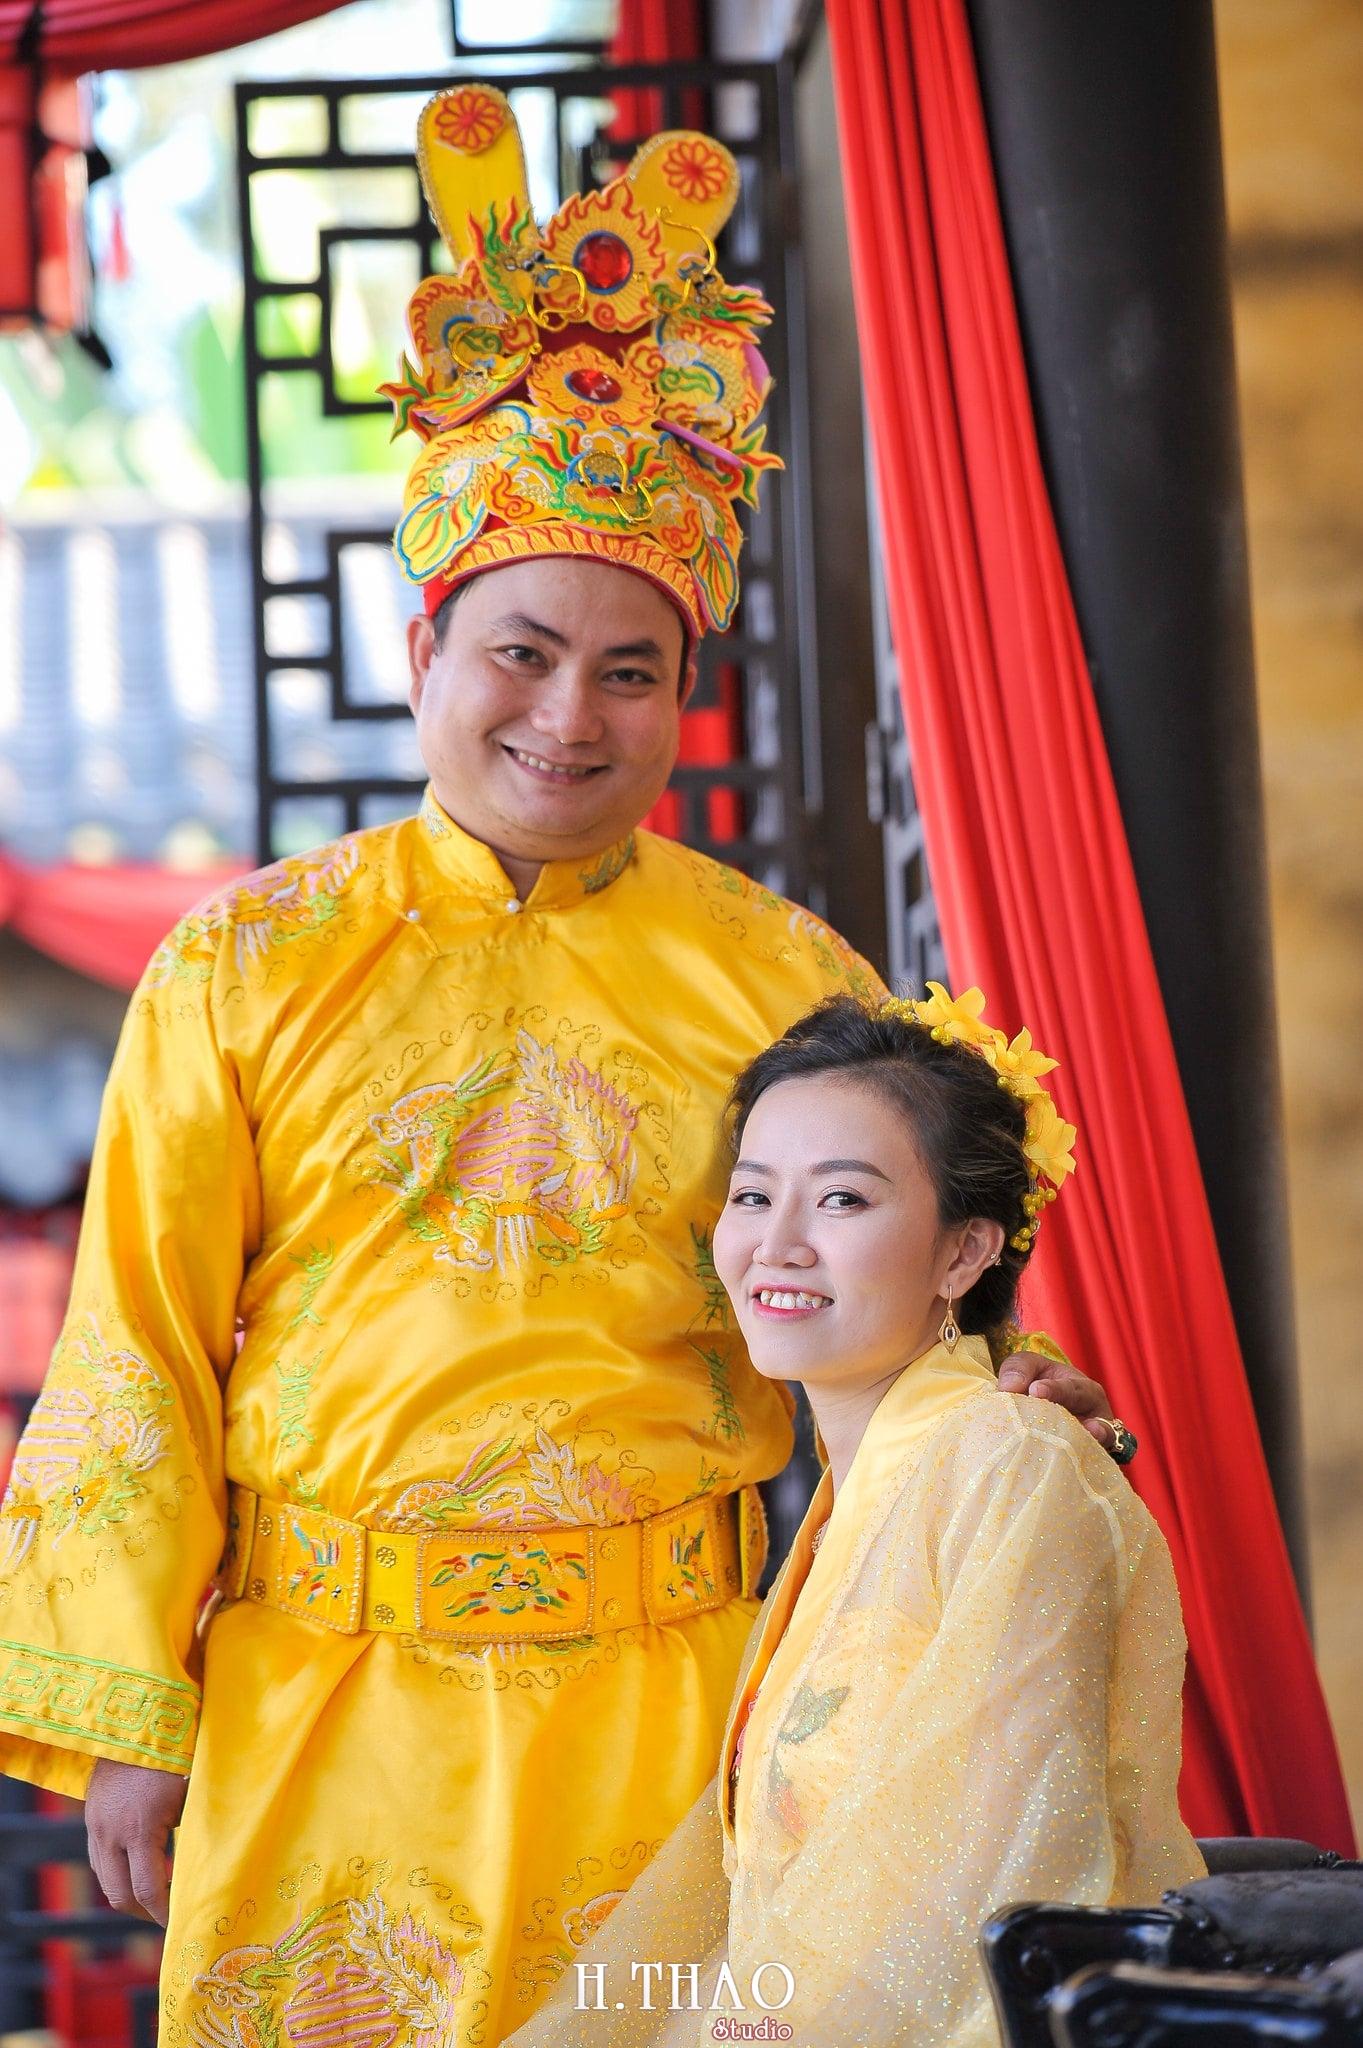 Anh co trang vua va hoang hau 5 - Bộ ảnh couple chụp theo phong cách cổ trang Vua - Hoàng Hậu